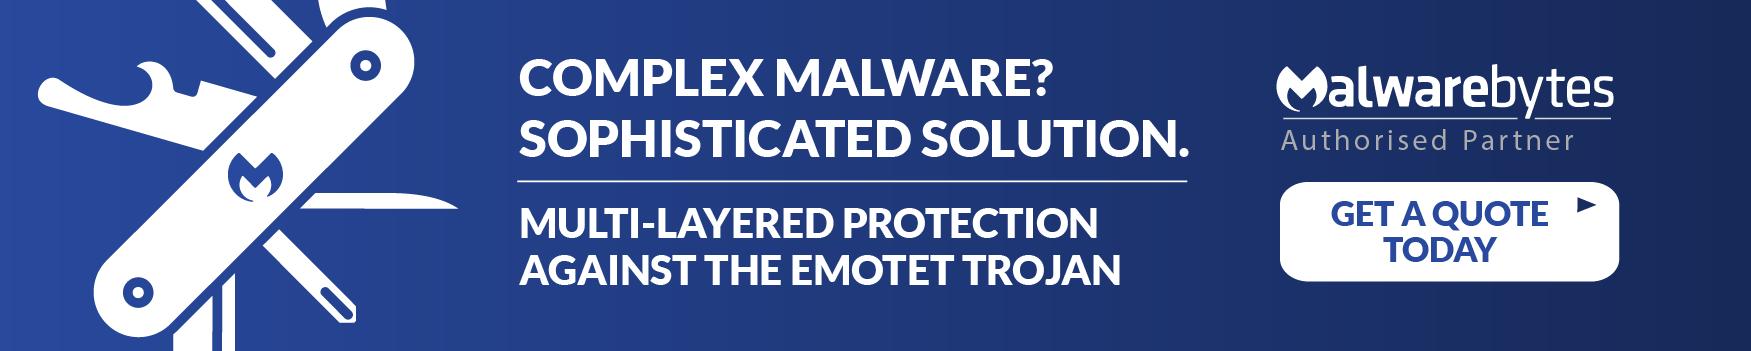 malwarebytes-emotet-quote-01